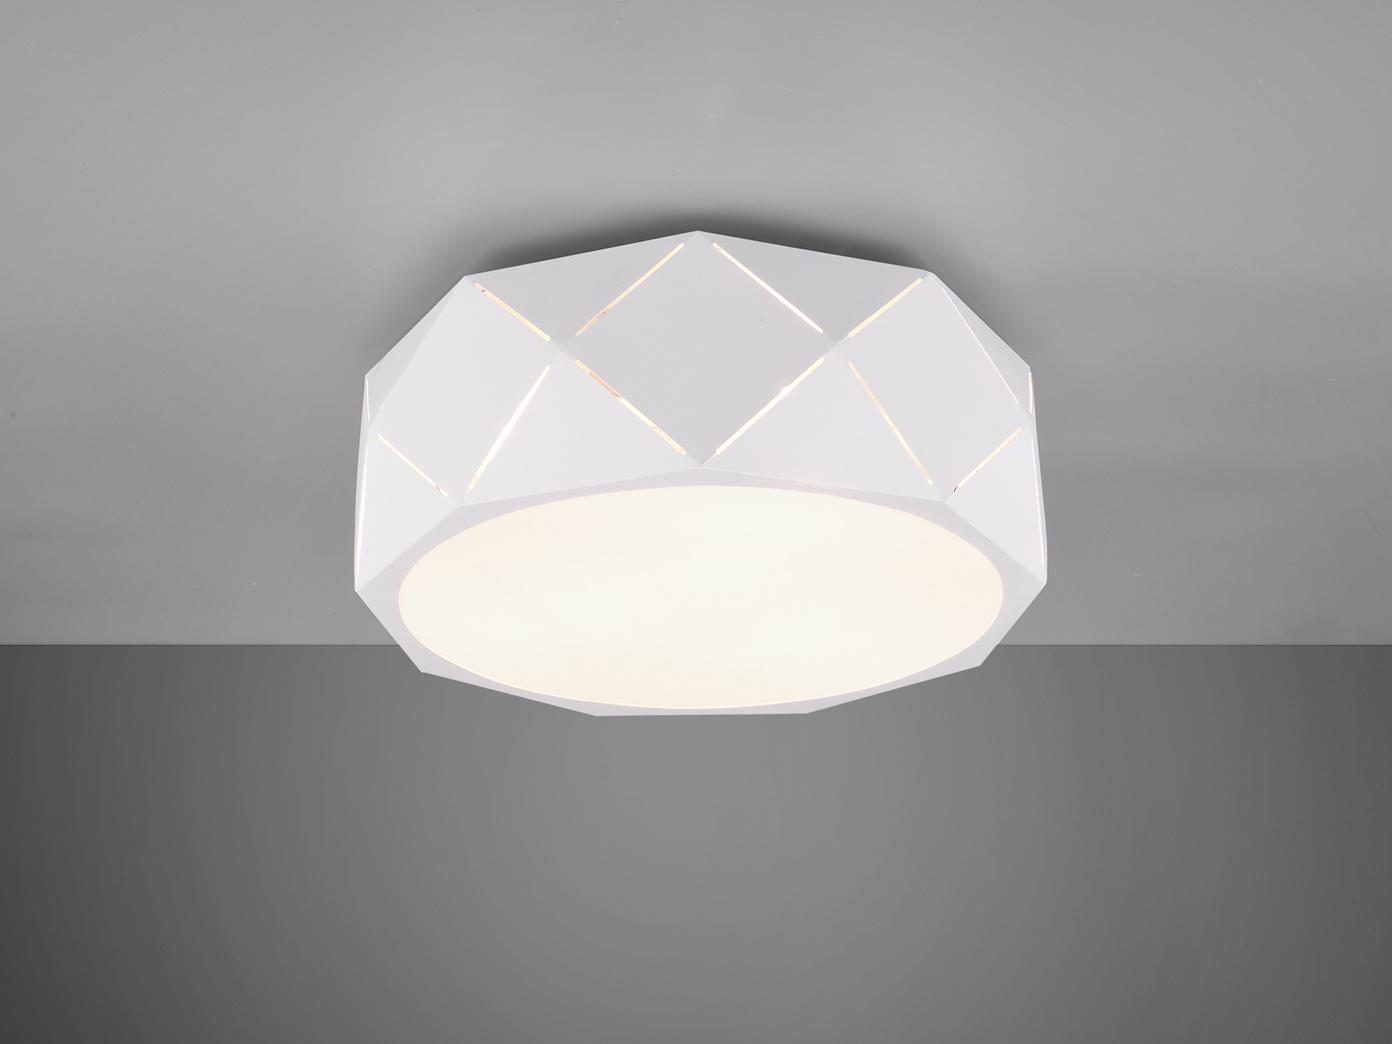 Ausgefallene Deckenleuchte Fur Jugendzimmer Coole Lampen In Geometrischen Formen Kaufen Bei Setpoint Deutschland Gmbh